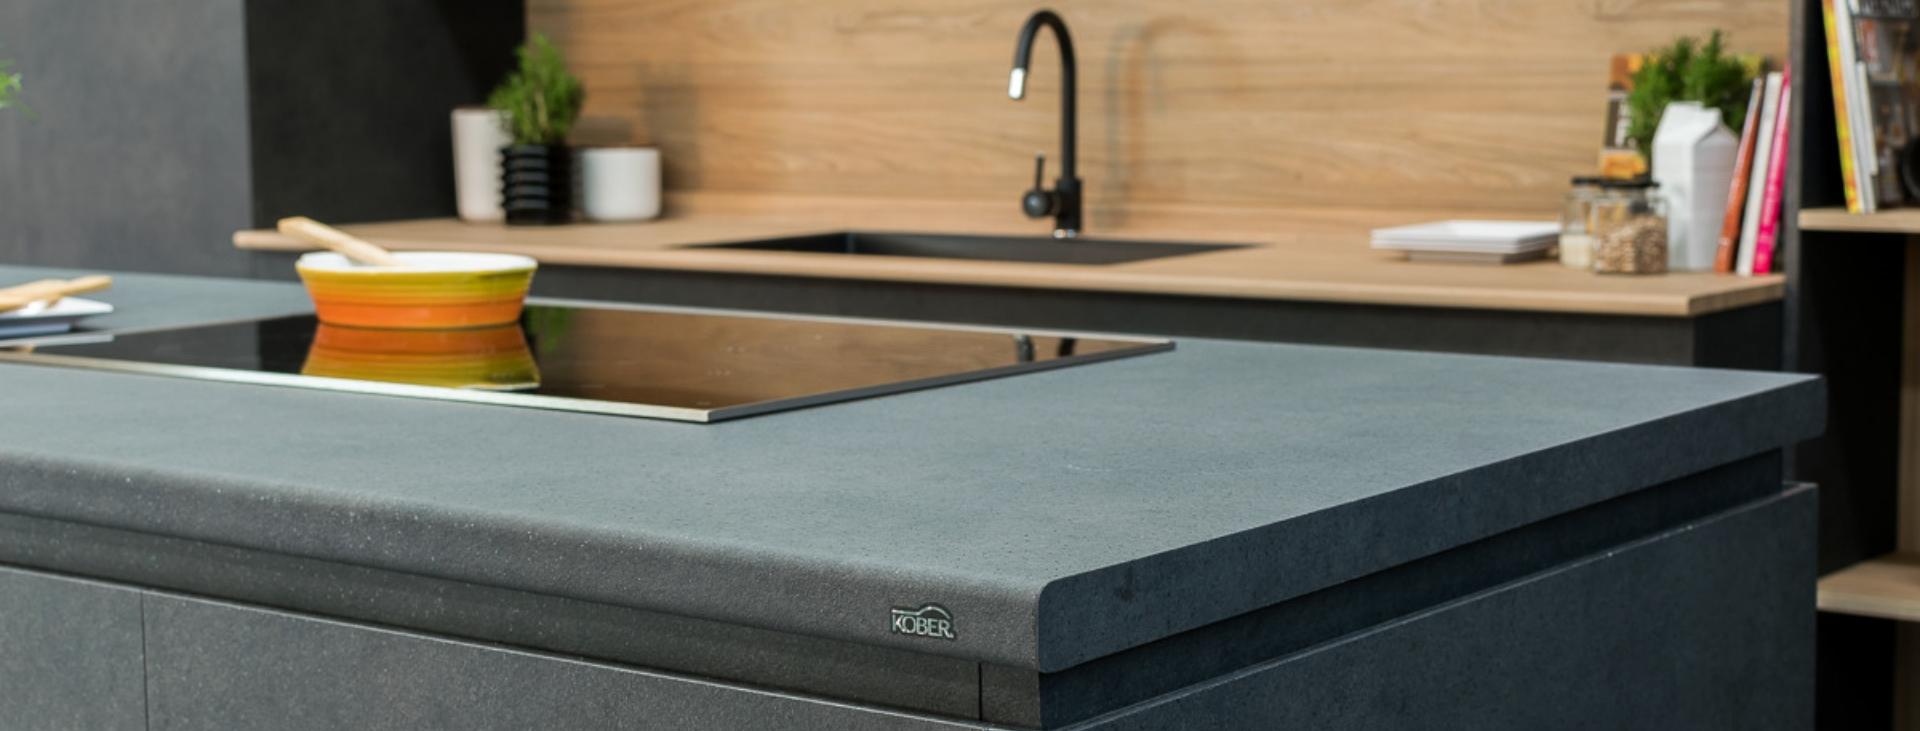 kober-barras-barras-cocina